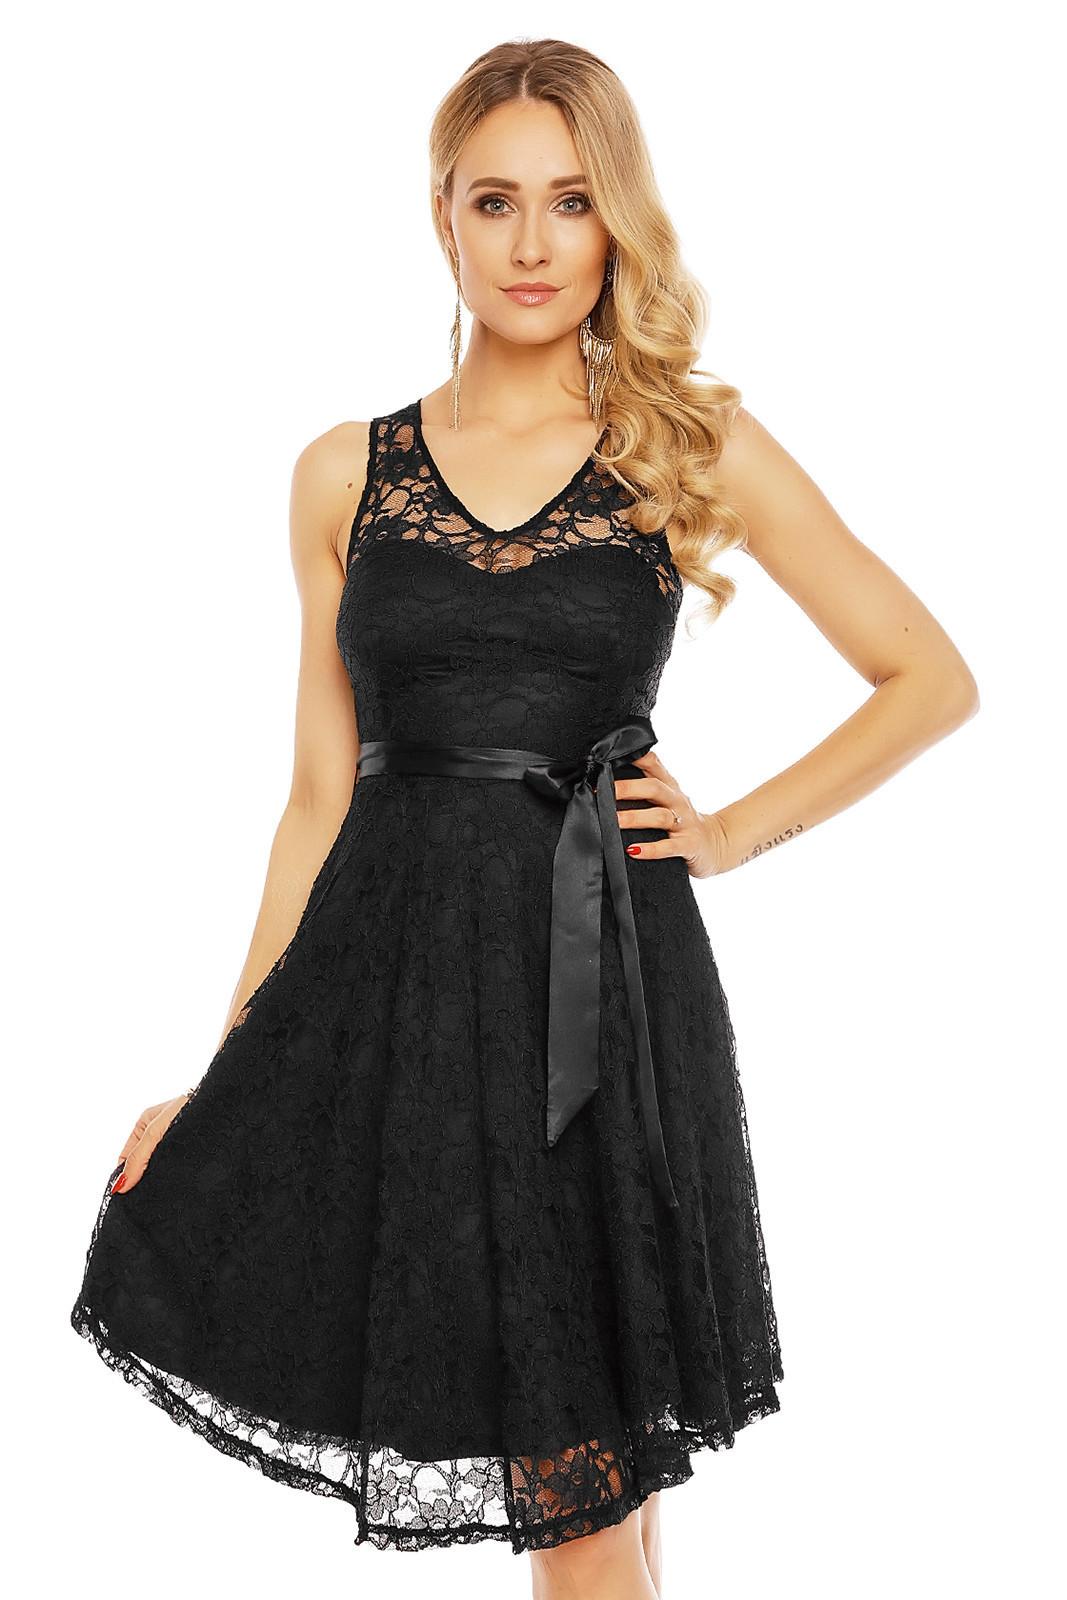 Dámske krajkové šaty na ramienka s opaskom stredne dlhé čierne - Čierna - MAYAADI čierna M